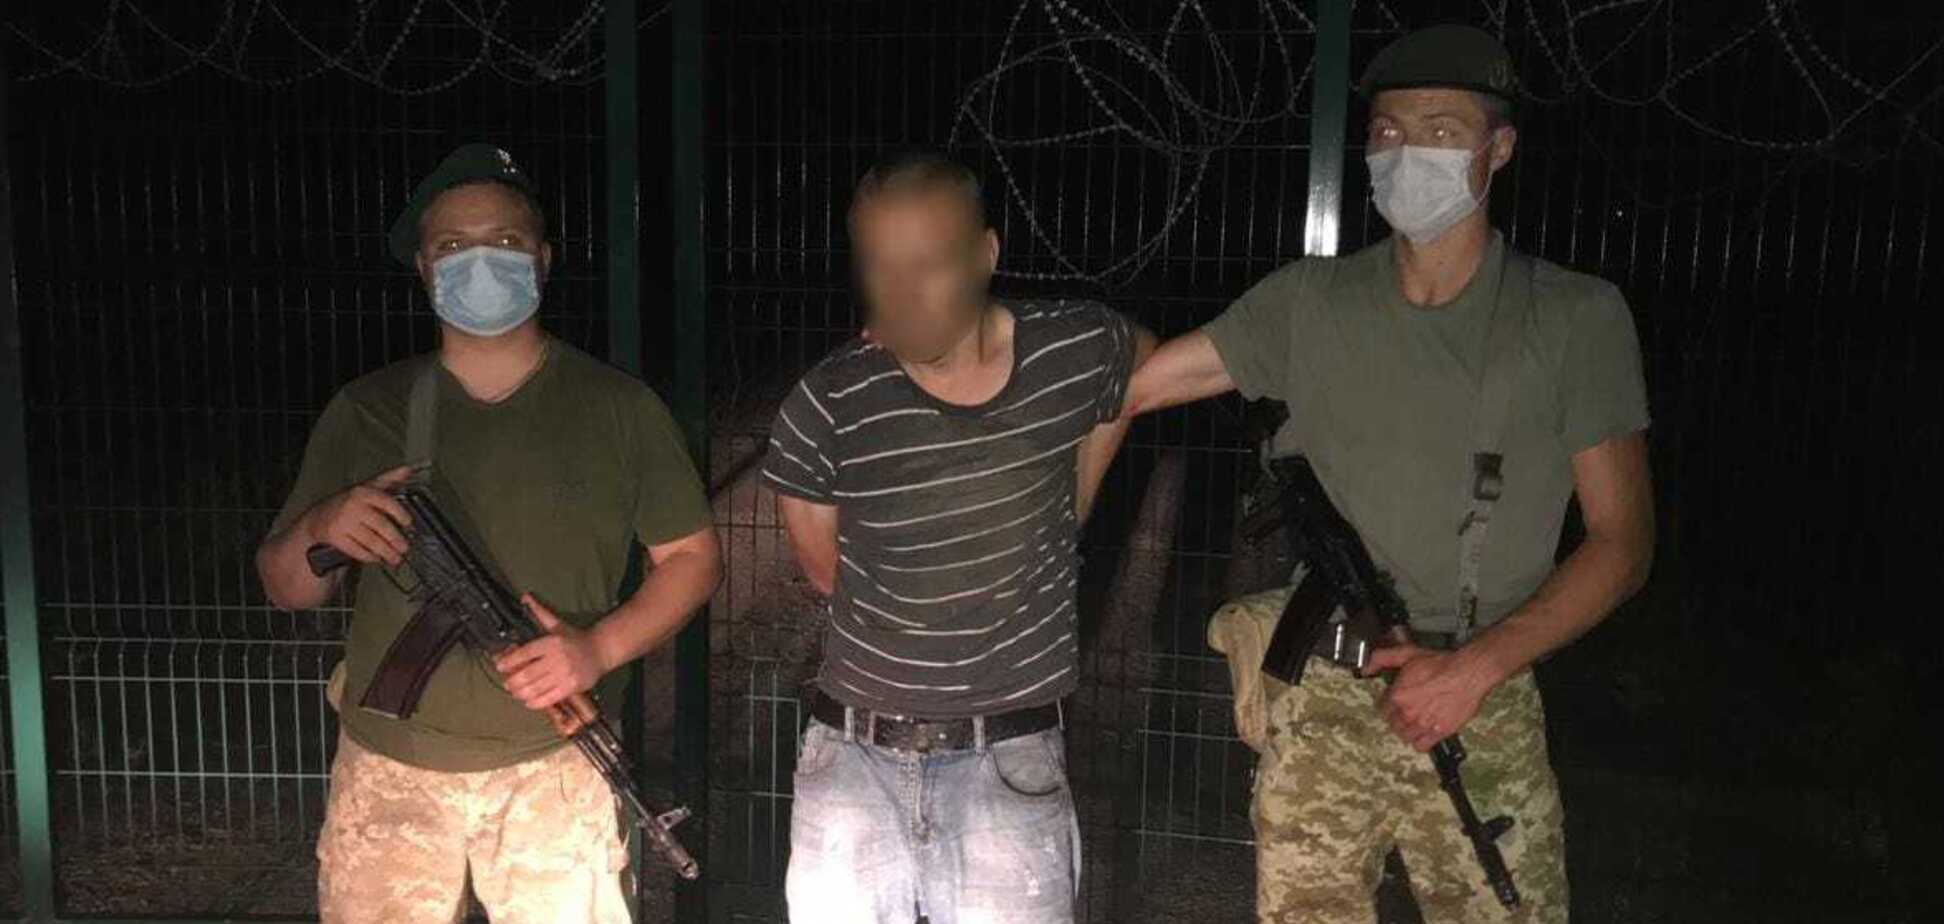 На Харьковщине задержали мужчину при попытке пересечь украинско-российскую границу. Источник: Госпогранслужба Украины